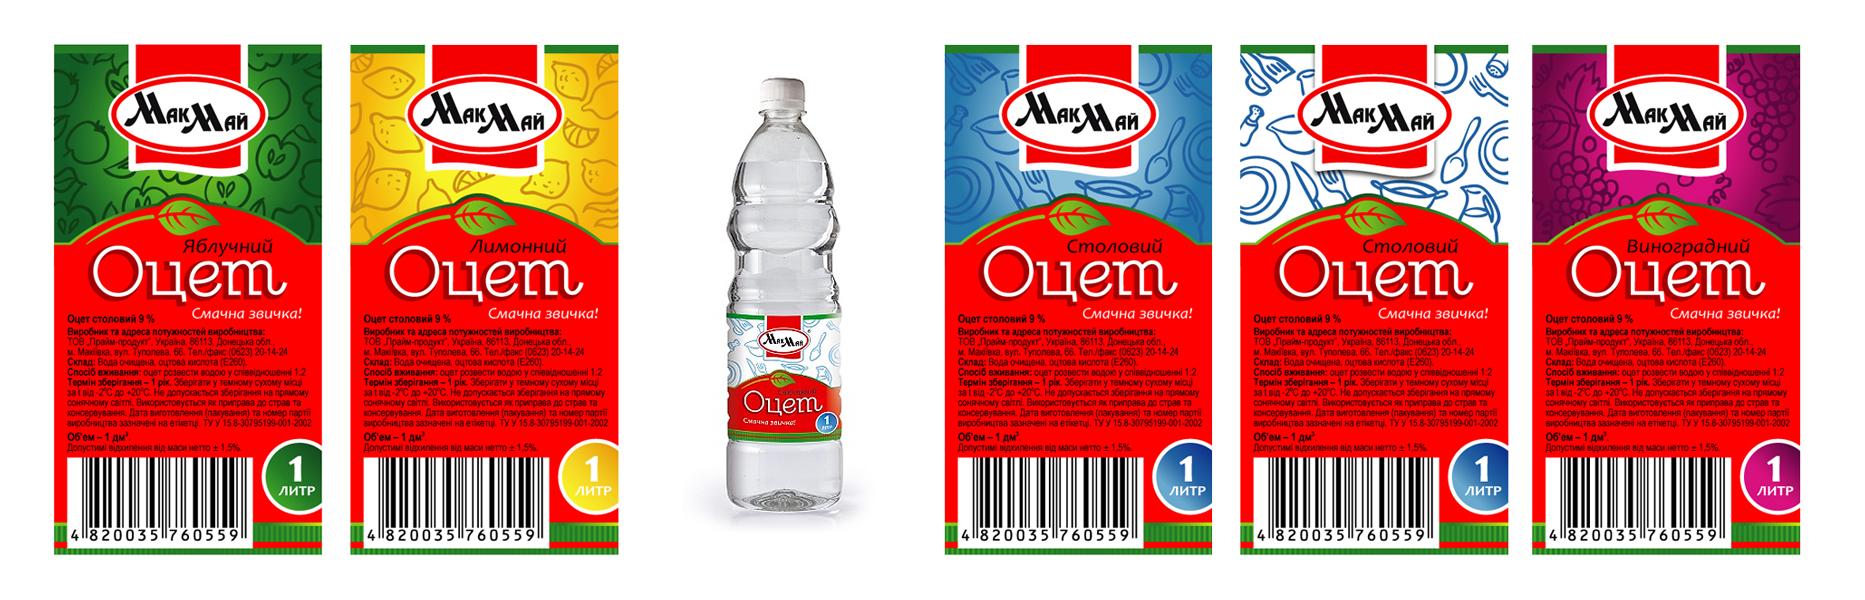 """Утвержденный дизайн этикетки для бутылки уксуса ТМ """"МакМай"""""""